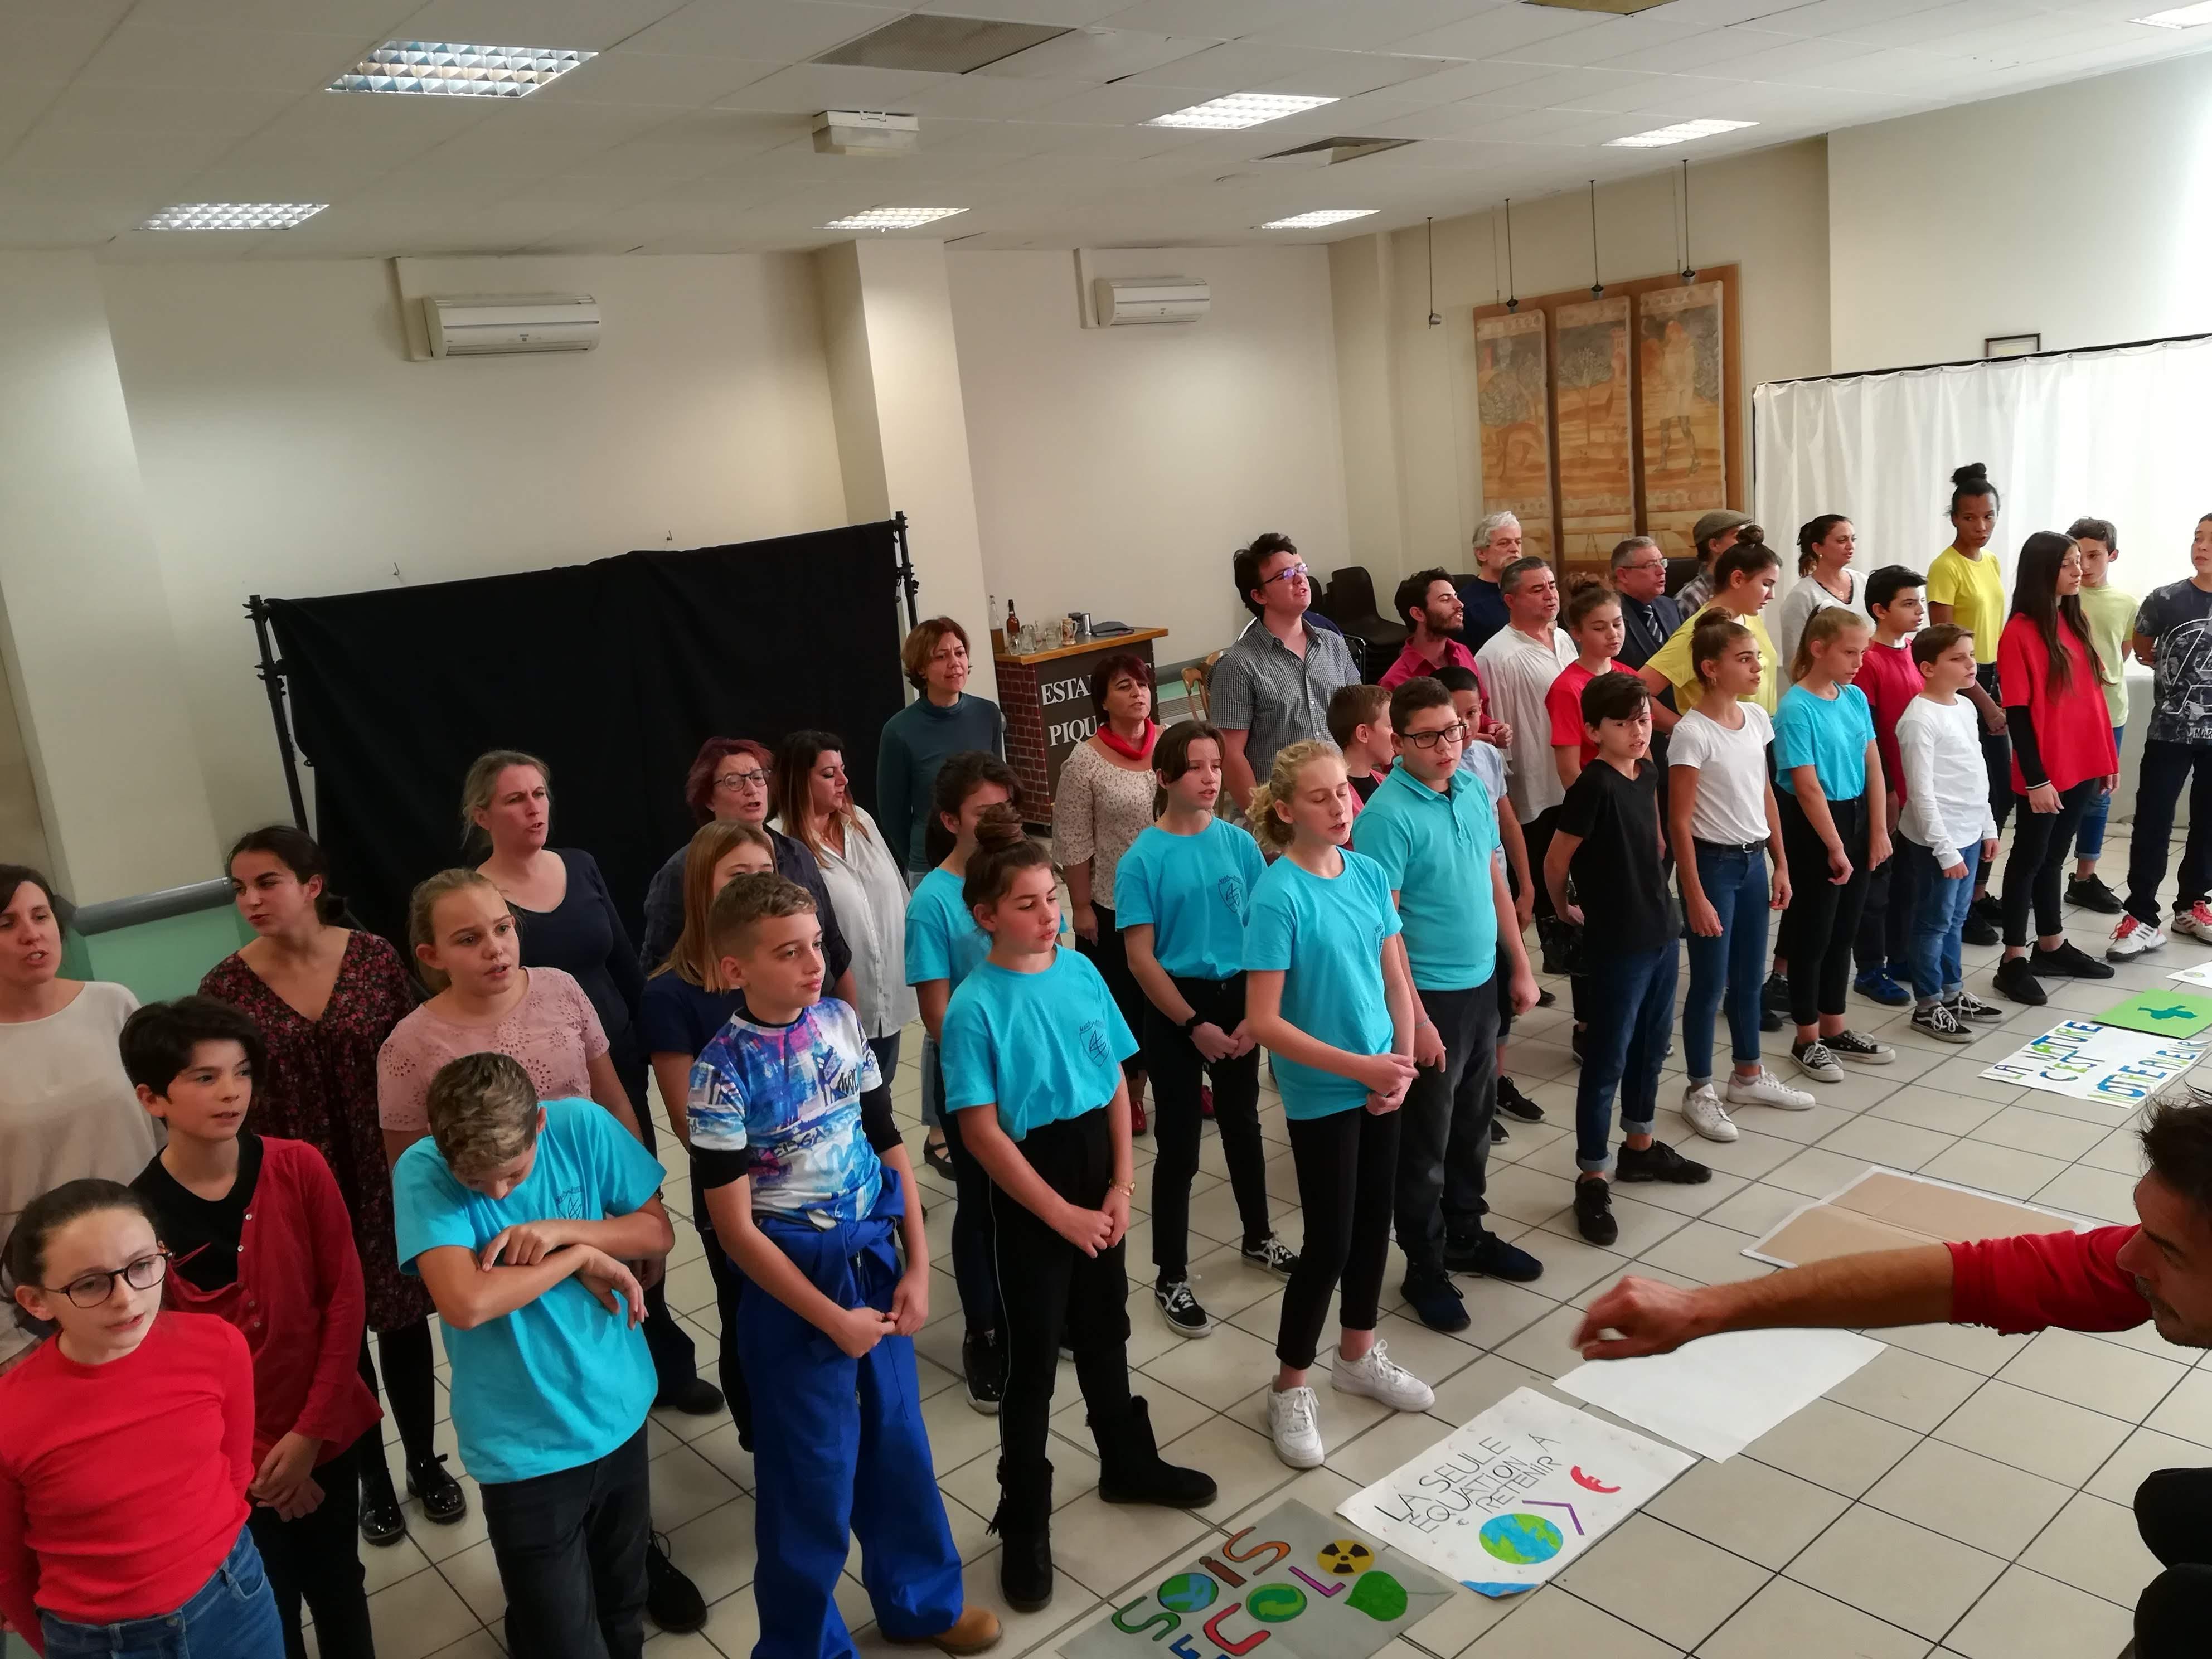 Les élèves de 5ème C joue dans une comédie musicale le samedi 16 novembre au Pôle culturel de Sorgues à 20h30